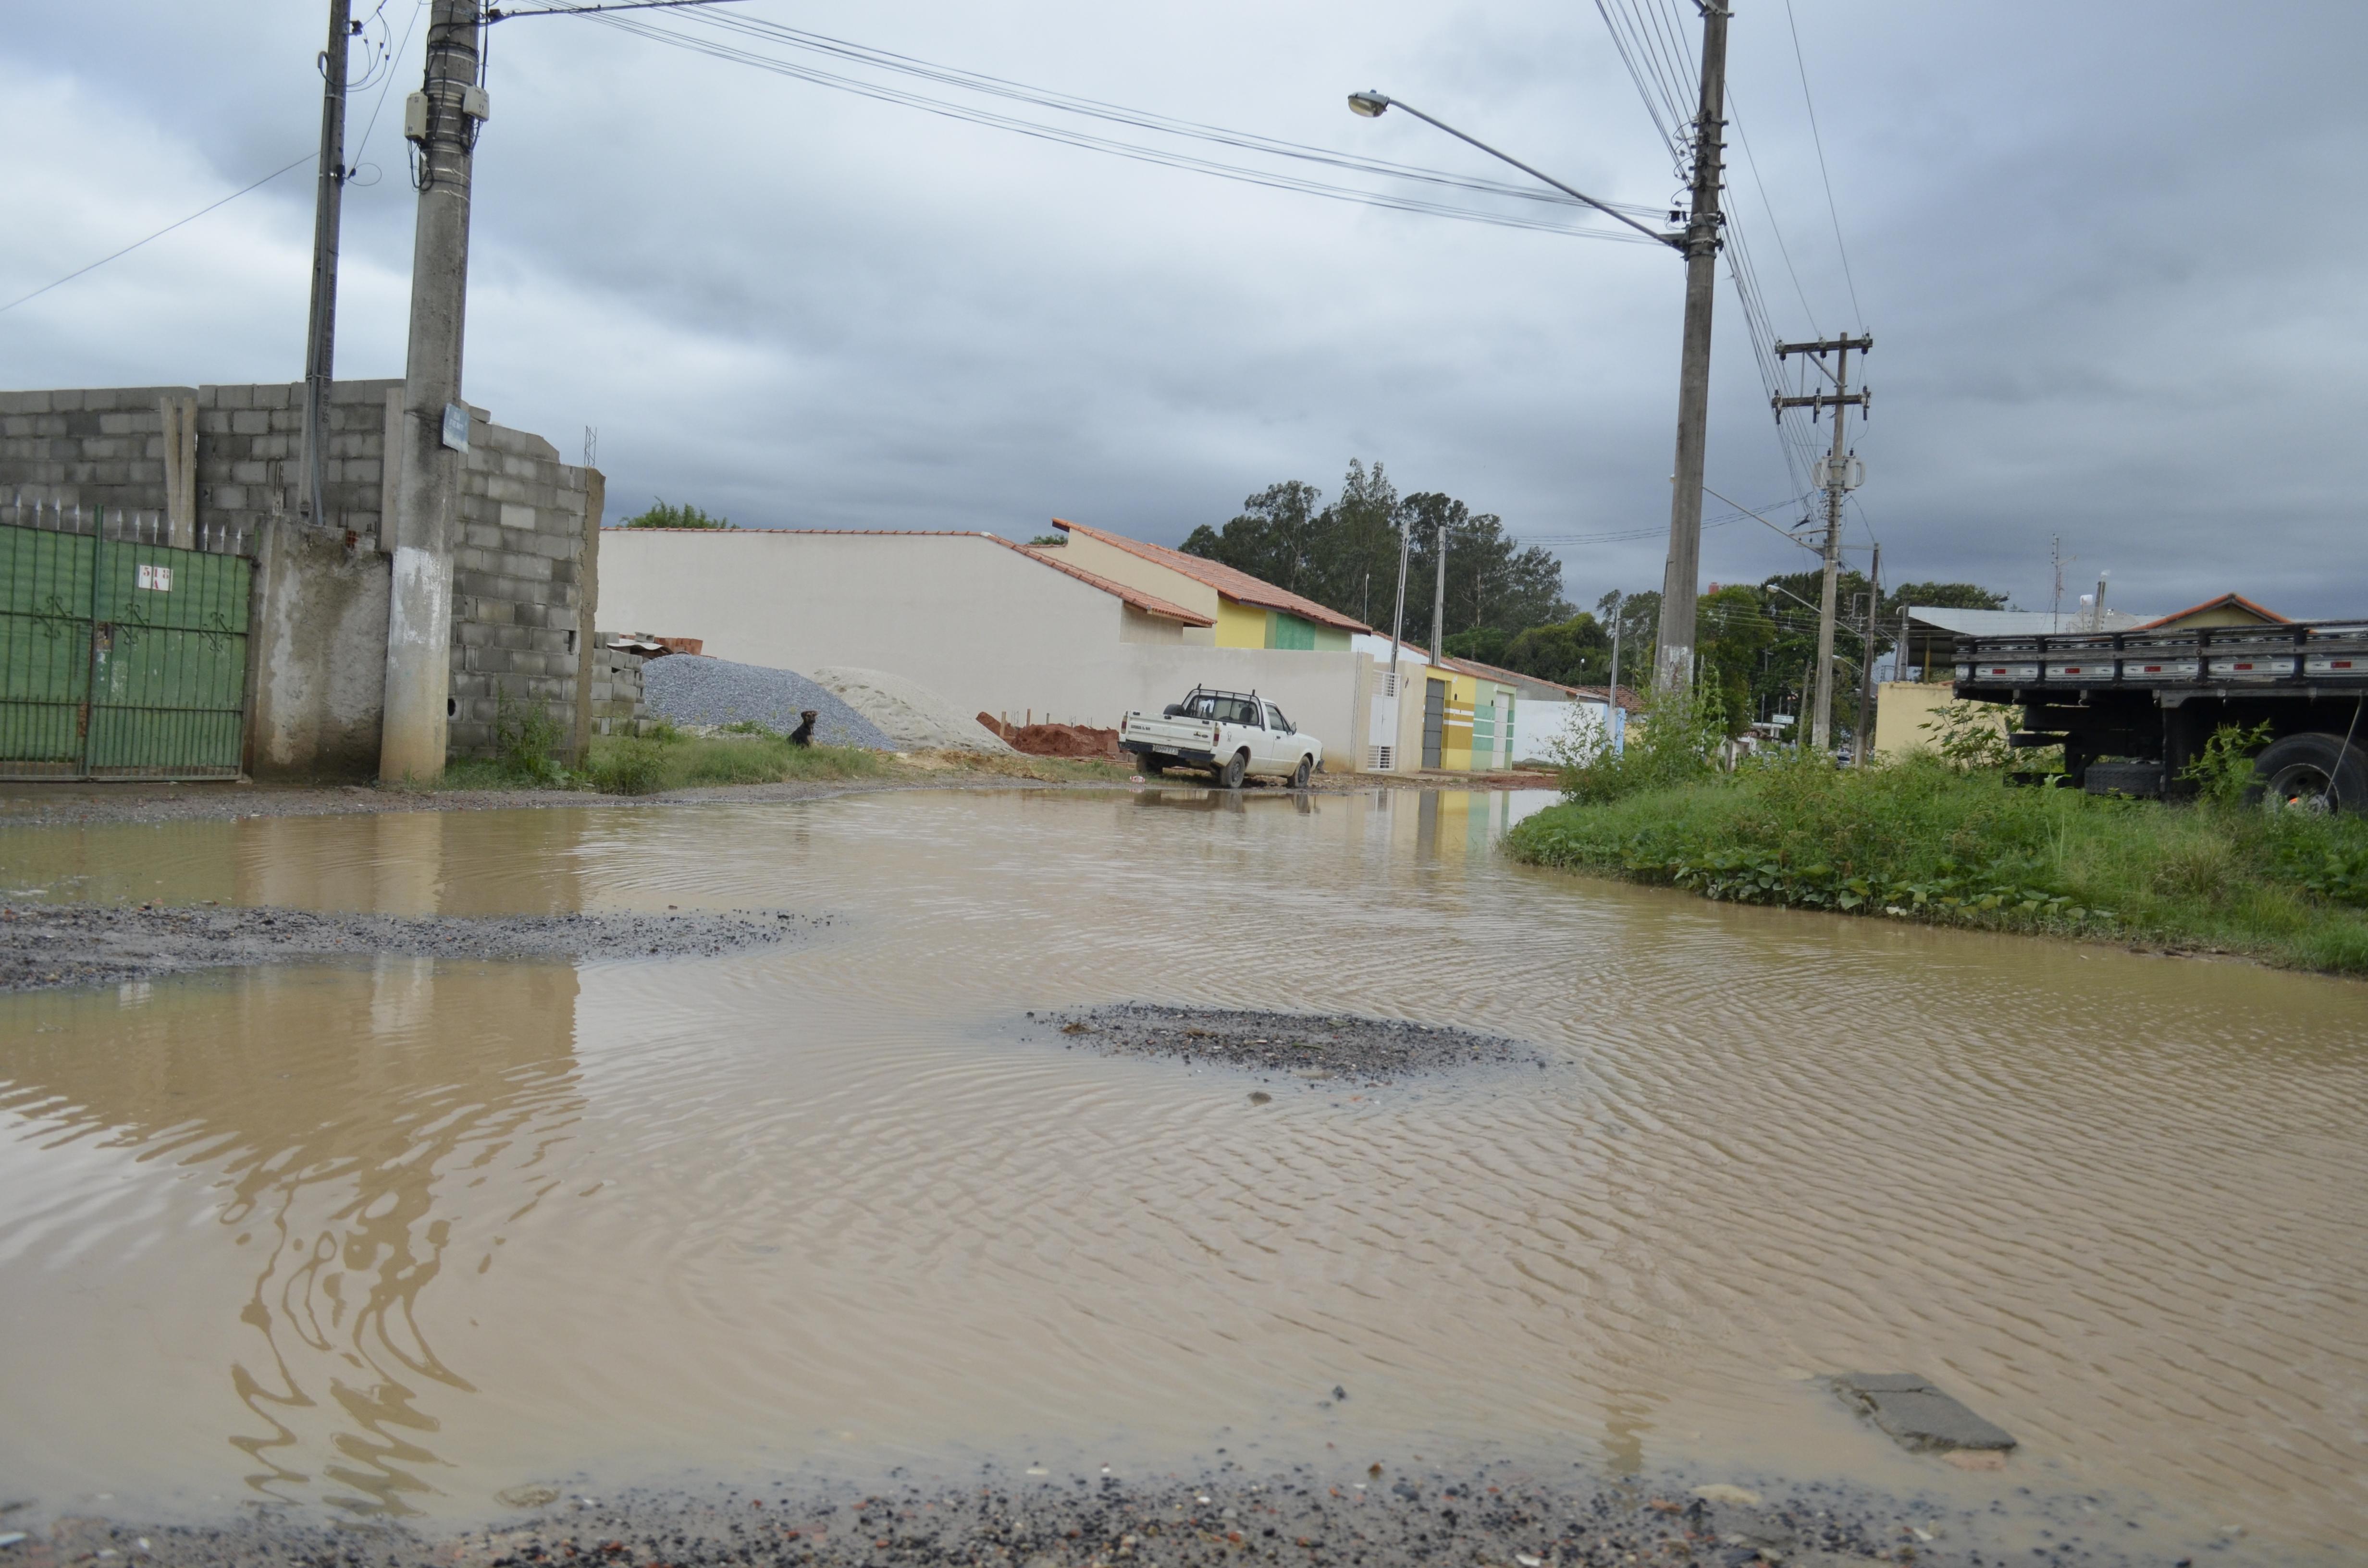 Rua tomada pela água após chuva que castigou a Vila Bela (Foto: Leandro Oliveira)